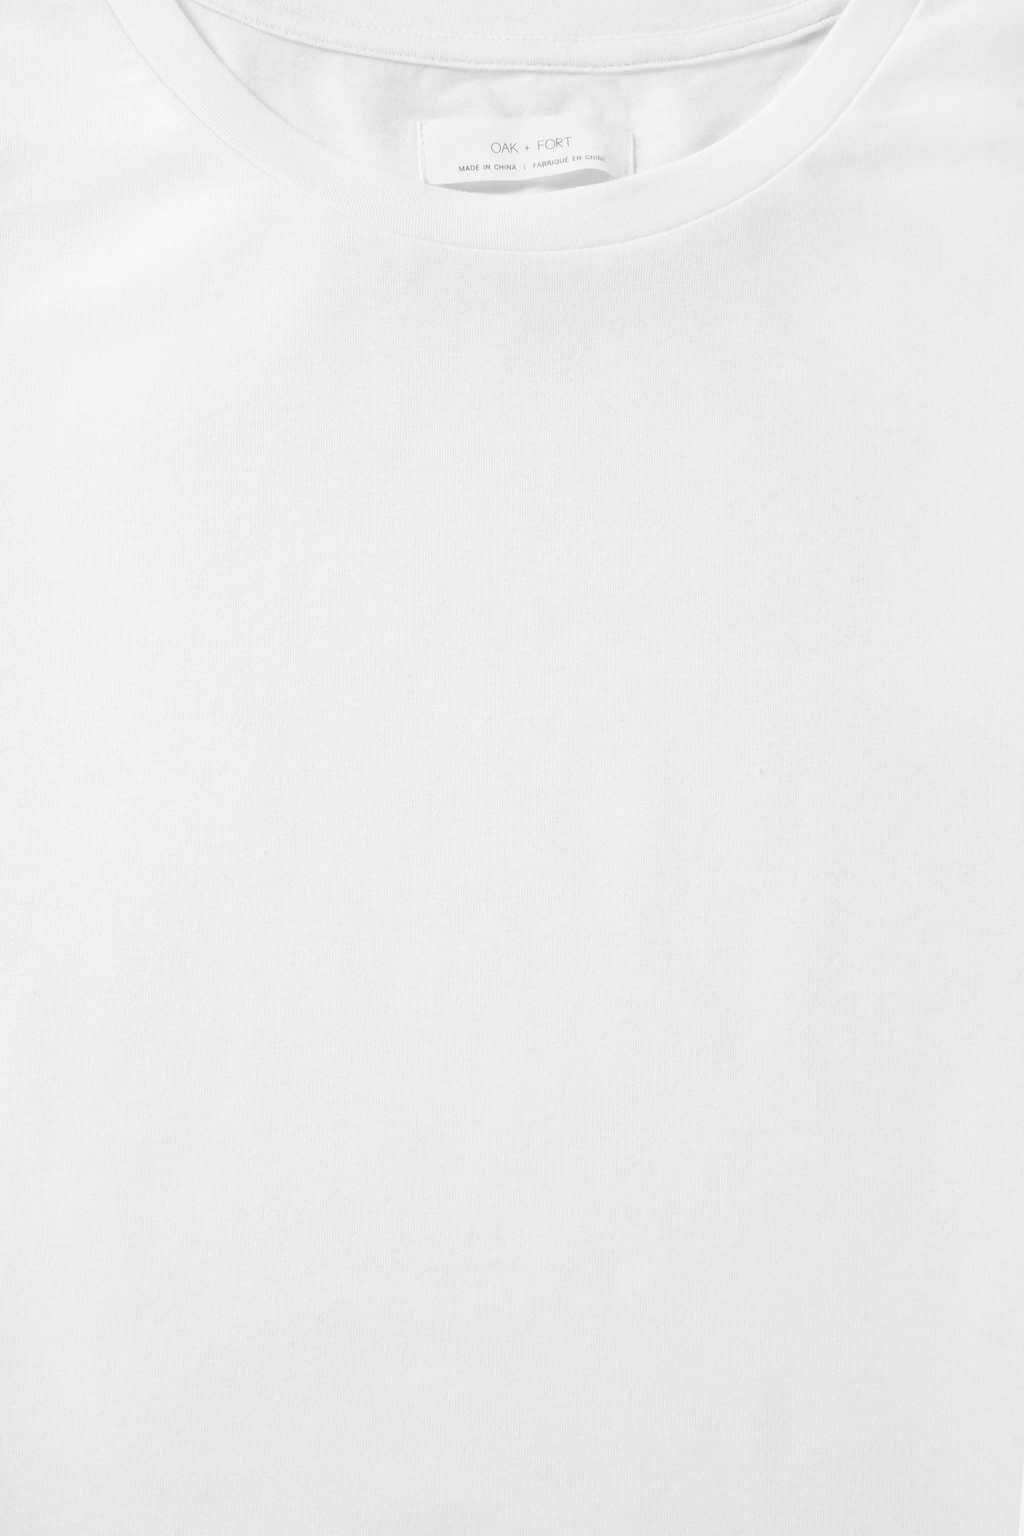 TShirt 2983 White 6